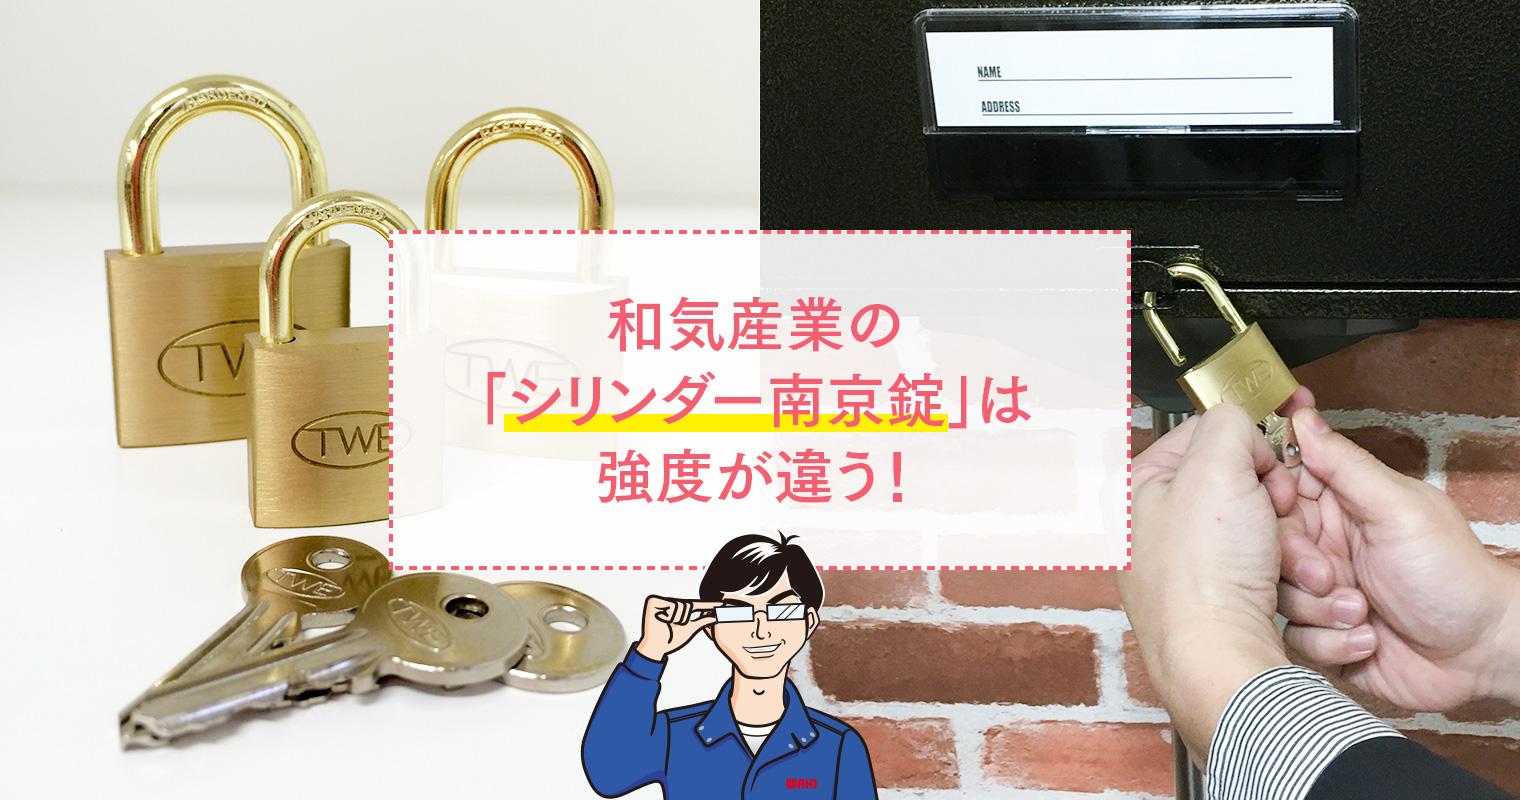 和気産業の「シリンダー南京錠」は強度が違う!